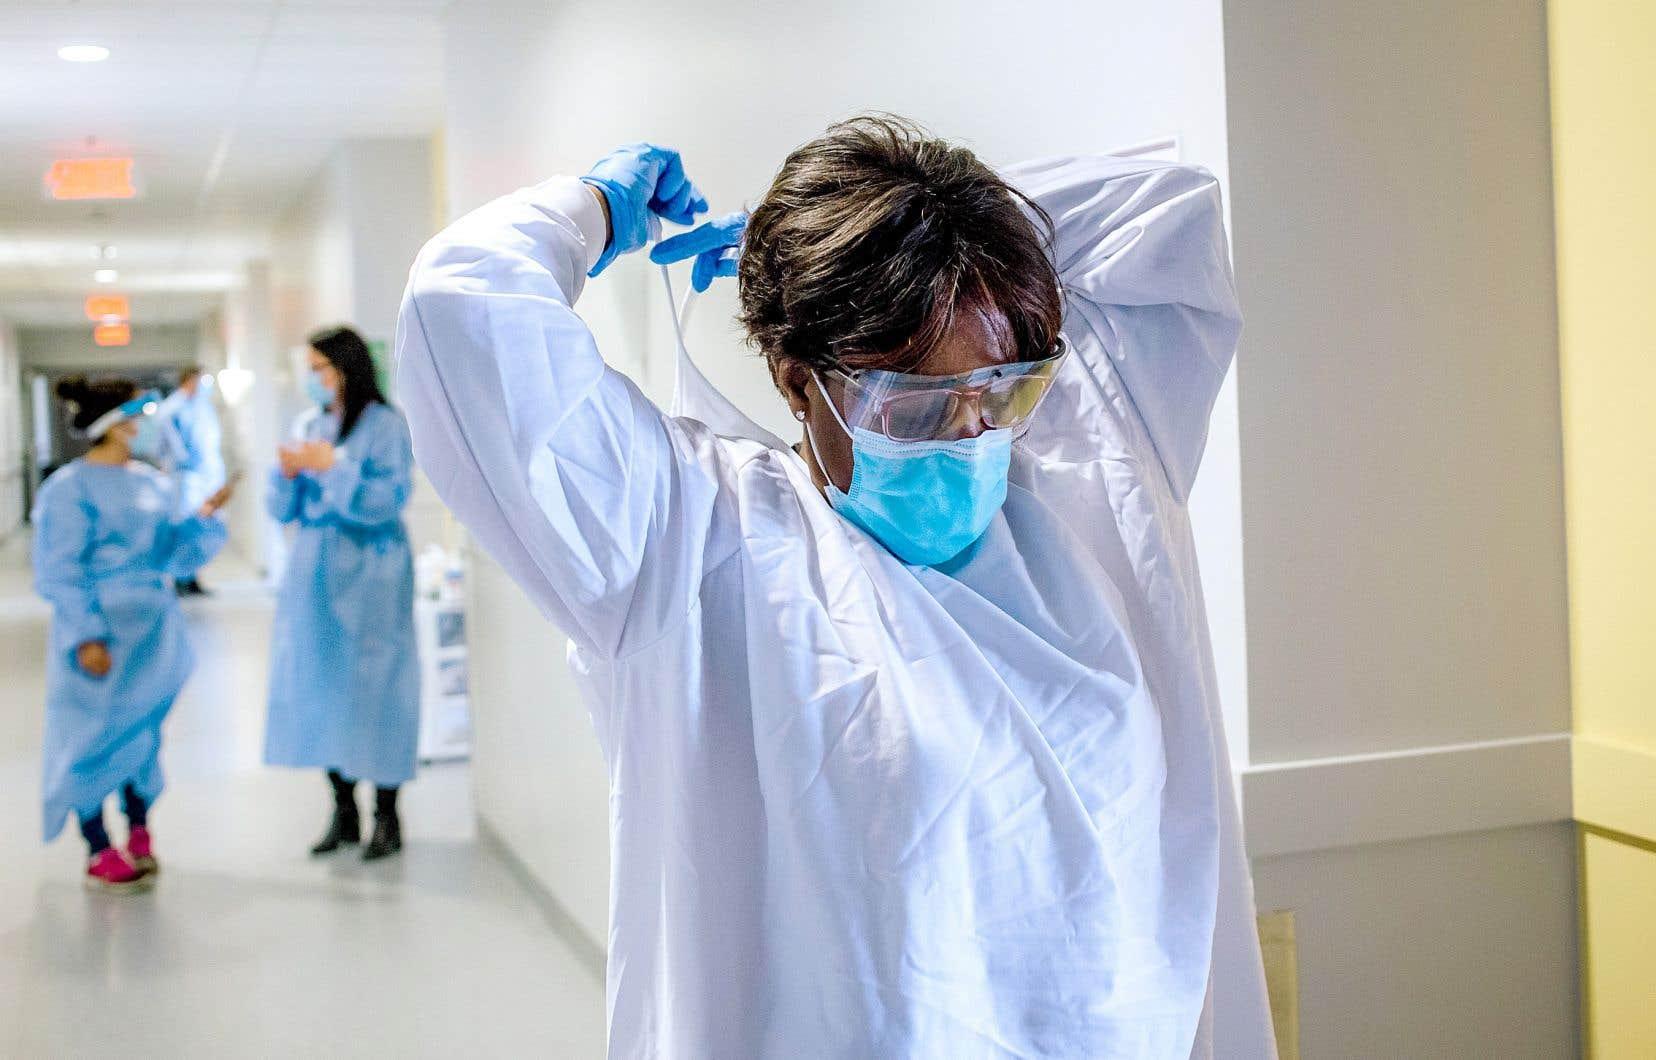 Le gouvernement du Québec ne peut plus ignorer la contribution des femmes du secteur de la santé, il y va de sa crédibilité.